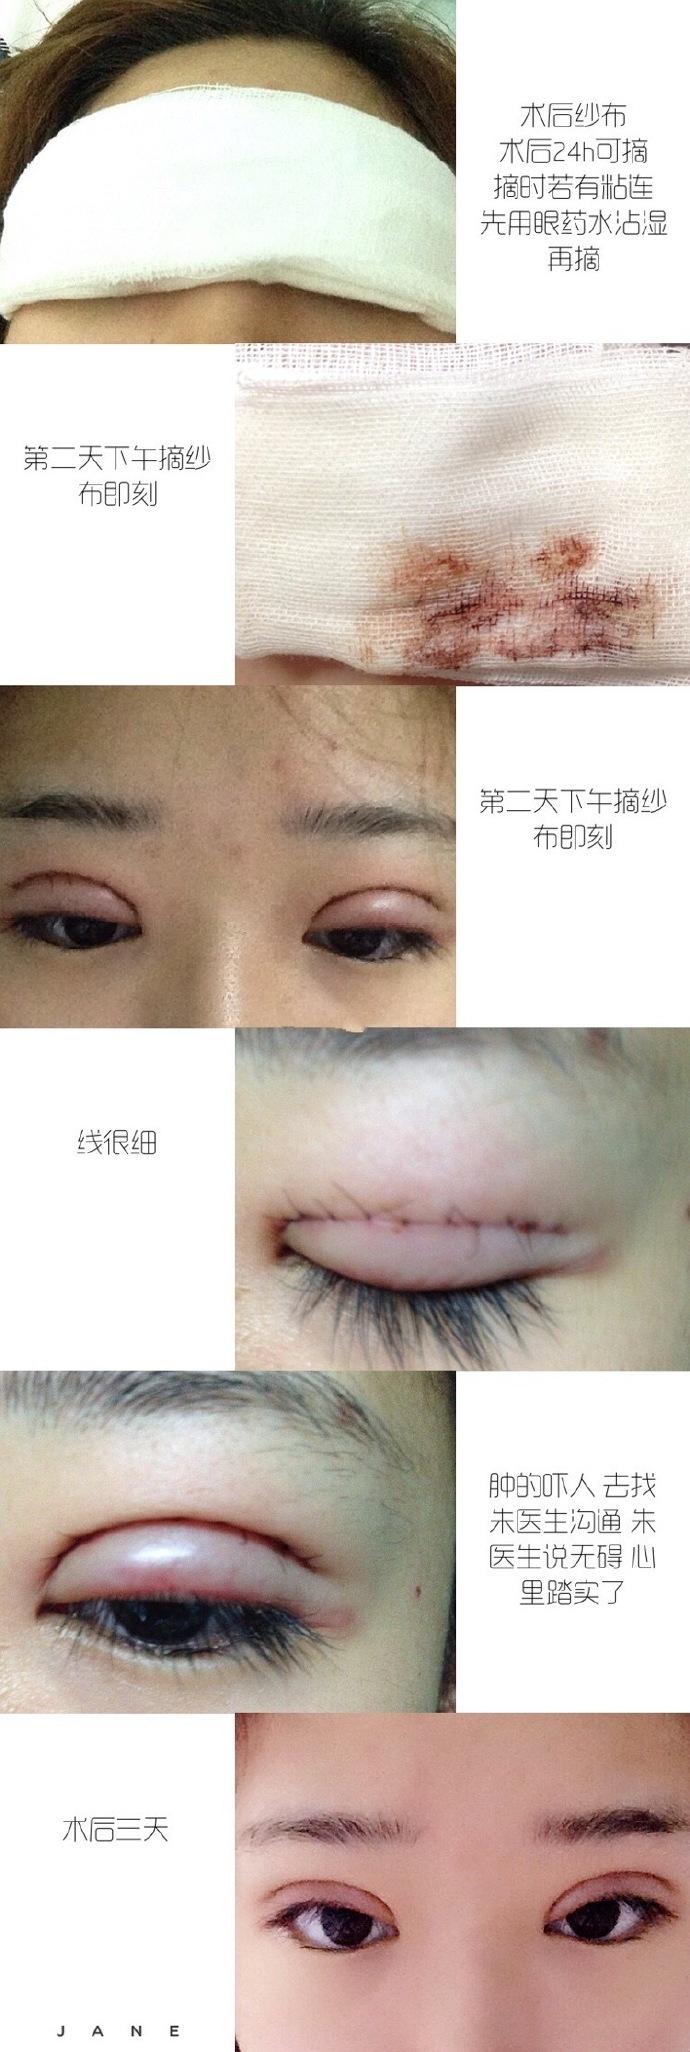 上海九院朱海男医生做的全切双眼皮+去脂案例 效果杠杠的哈